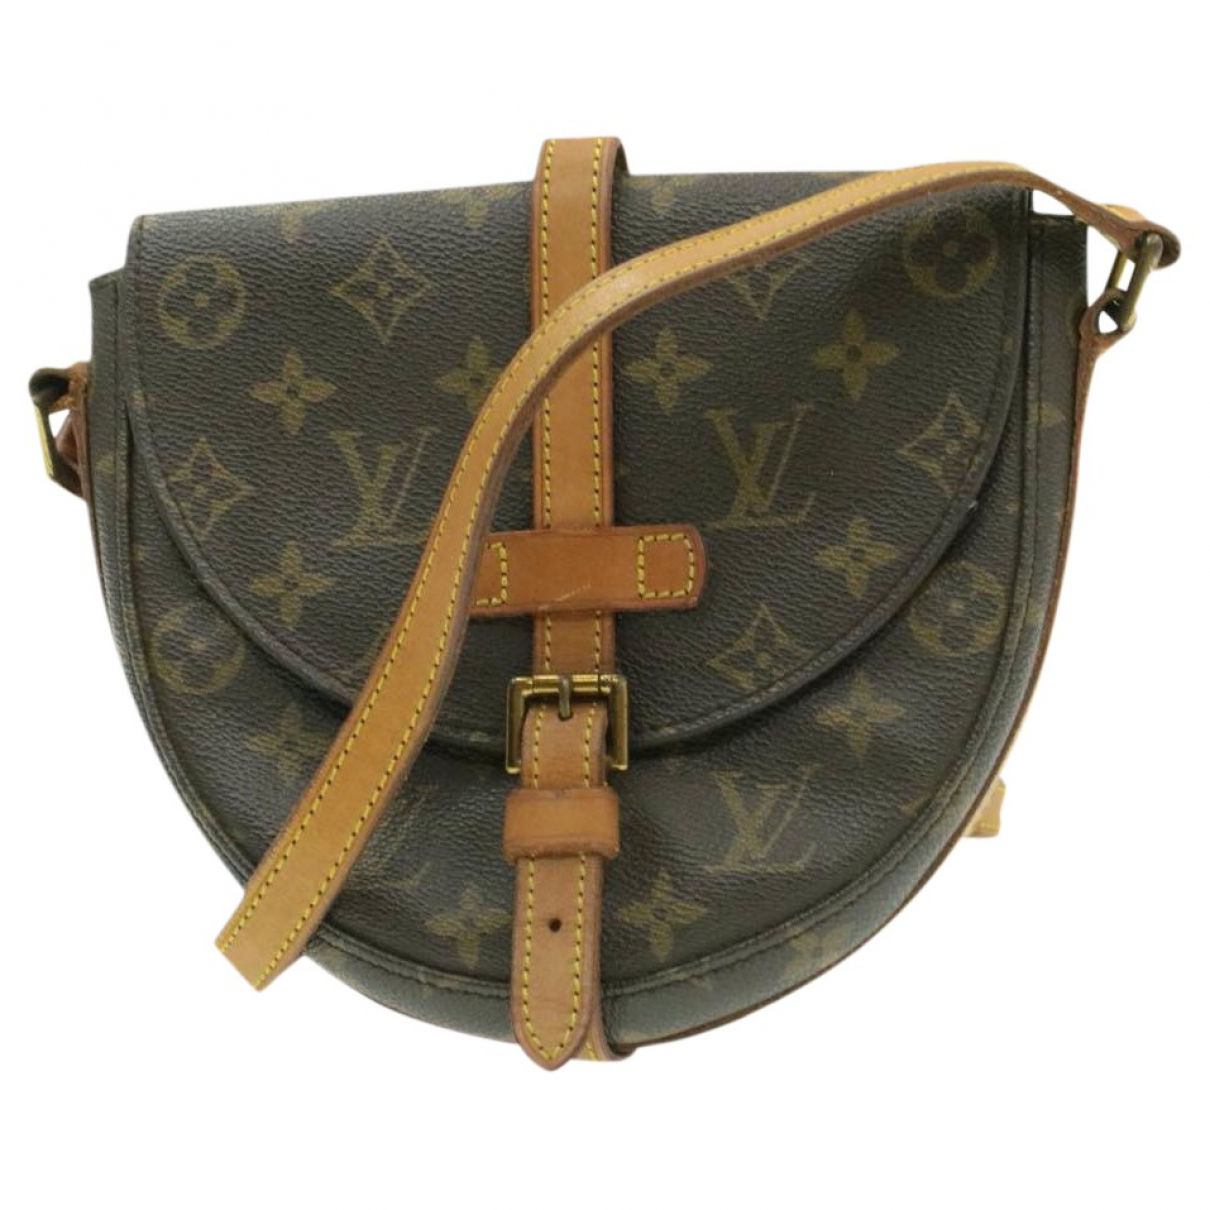 Bolso Chantilly de Lona Louis Vuitton